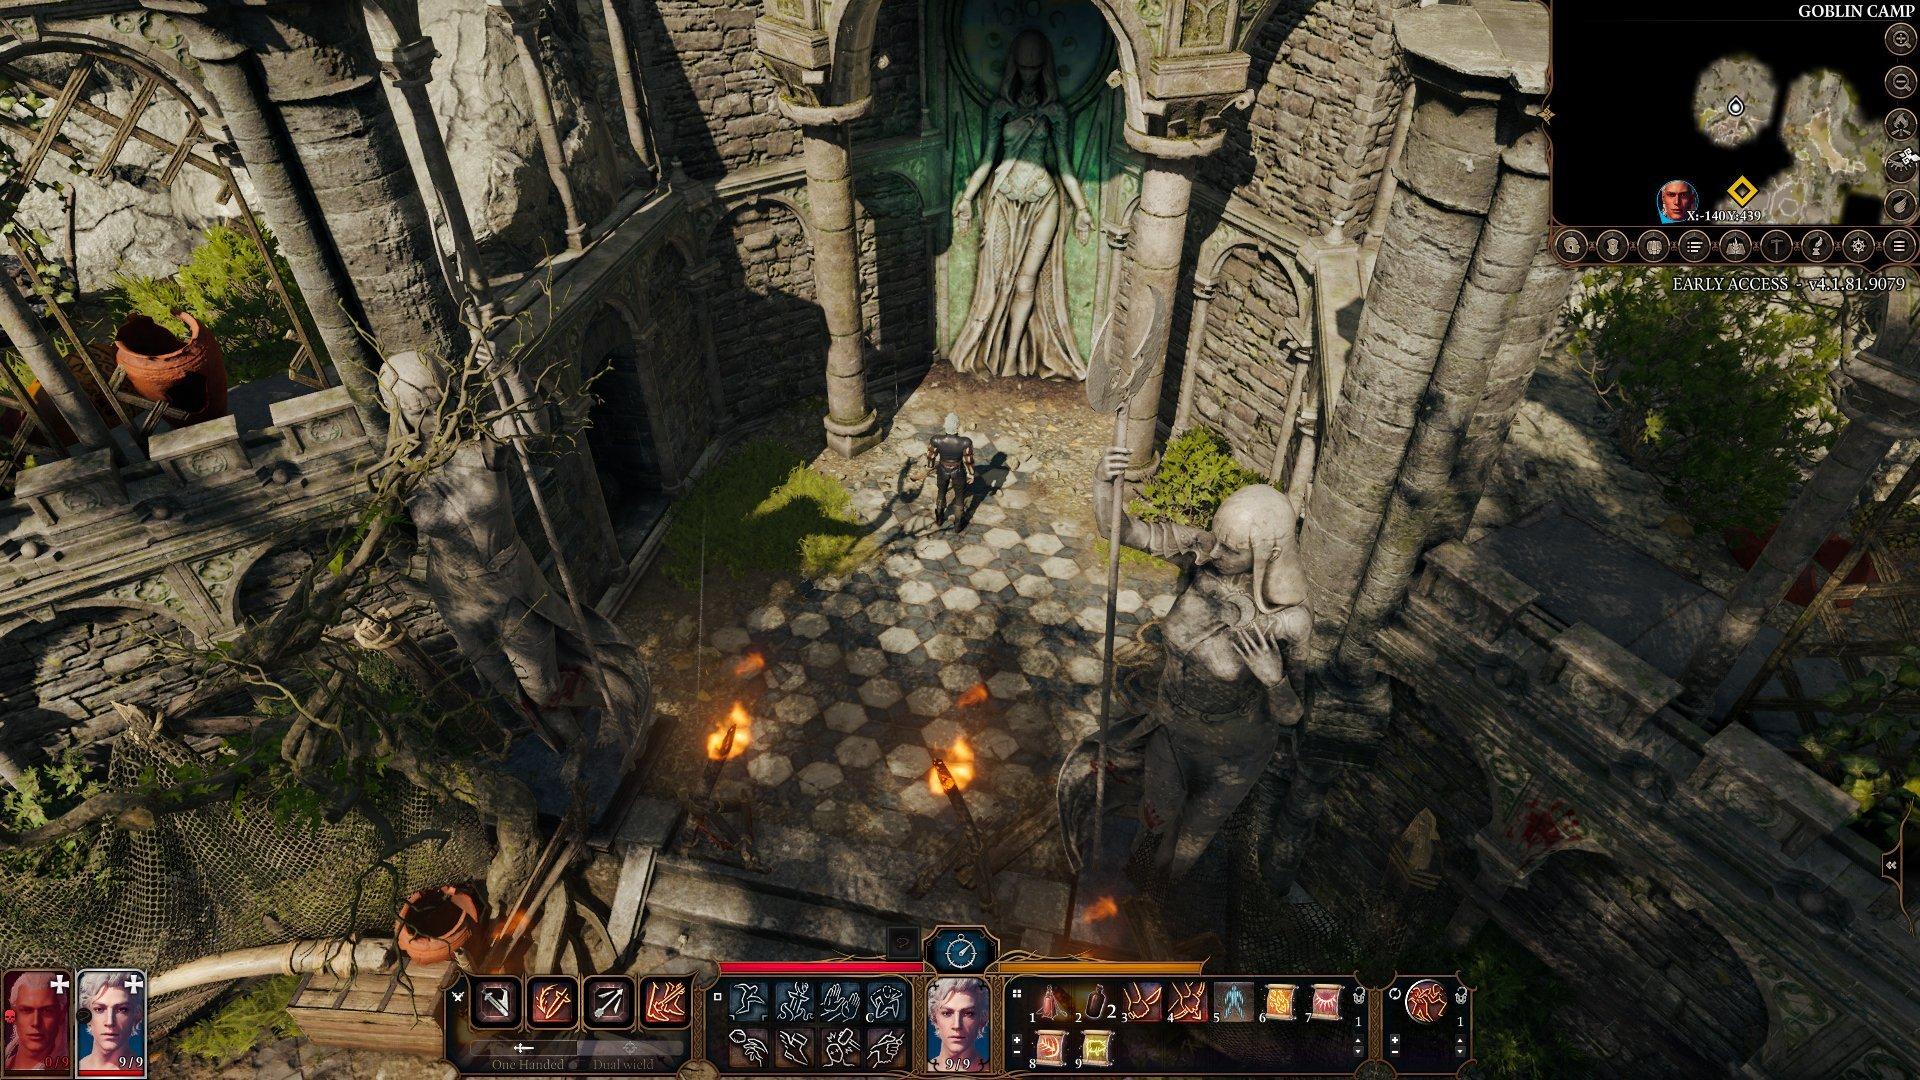 Скриншот к игре Baldur's Gate 3 (v.4.1.106.9344) [GOG] (Early Access) скачать торрент Лицензия